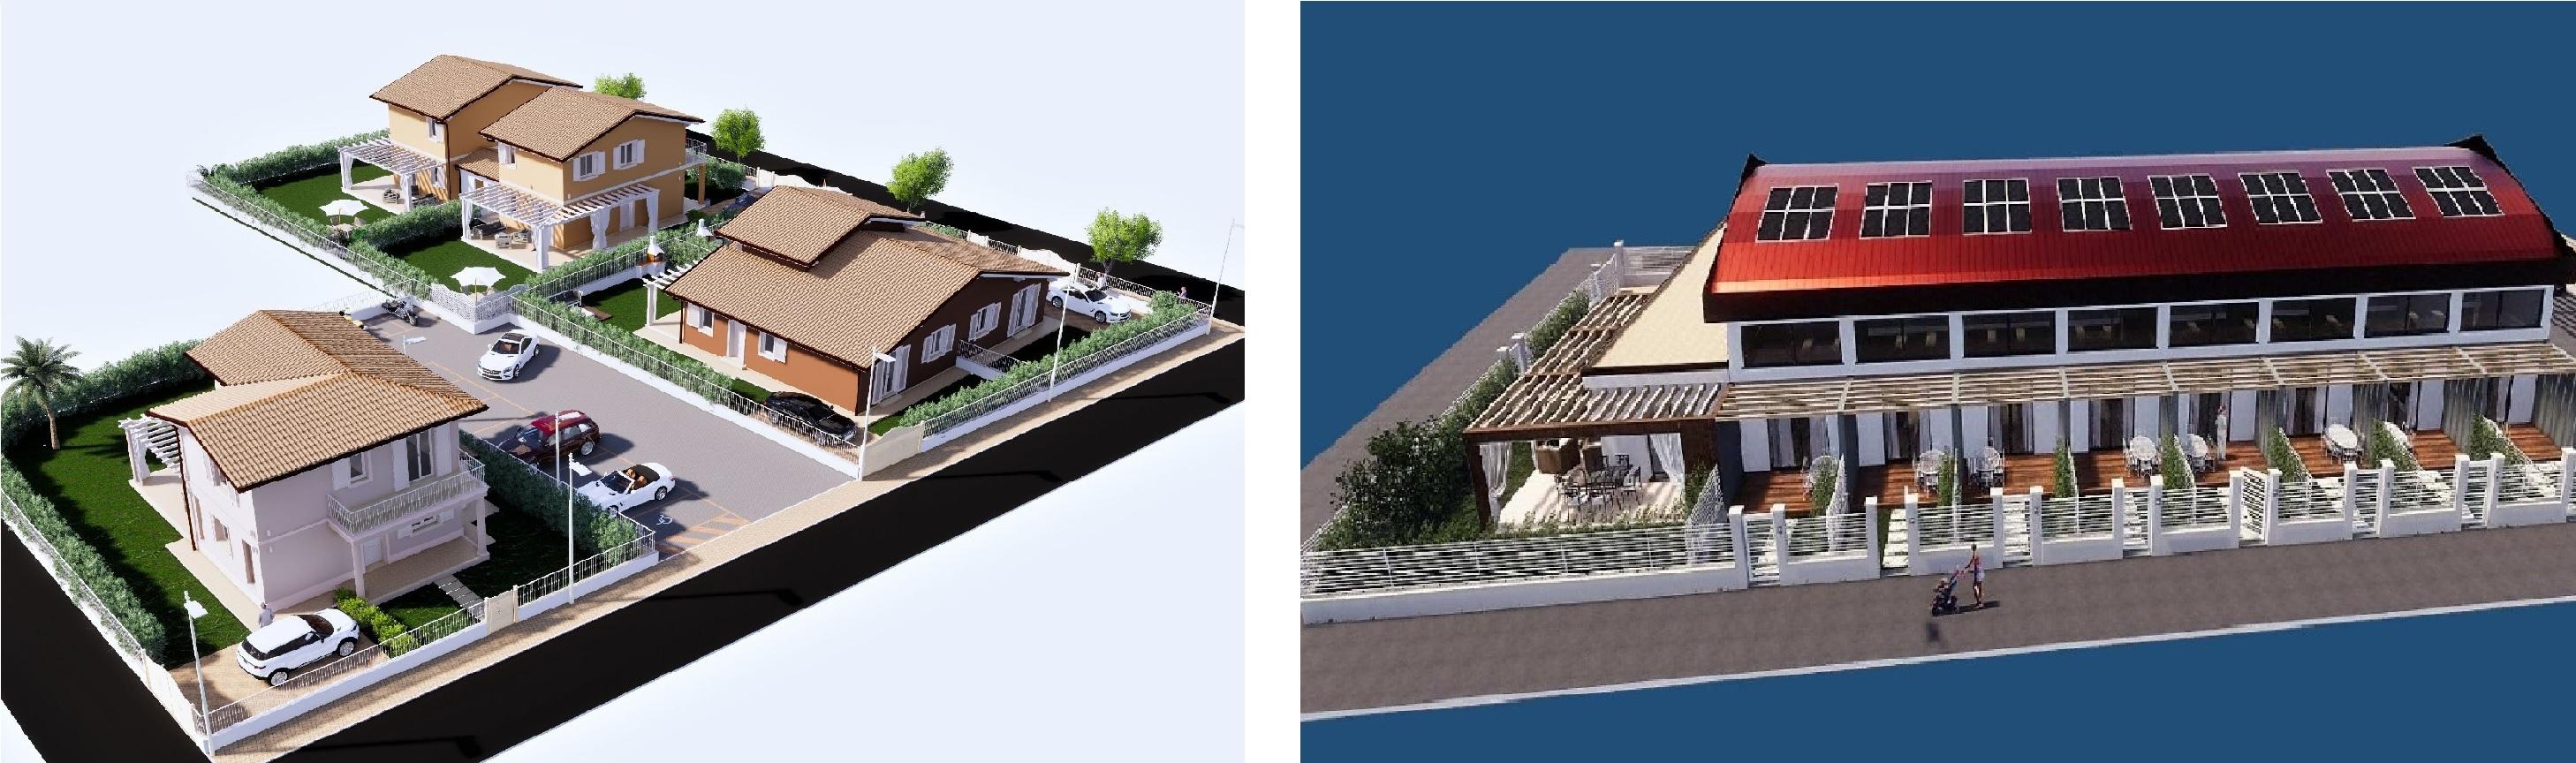 Pietrasanta, Complesso di Nuova Costruzione di Villette Indipendenti